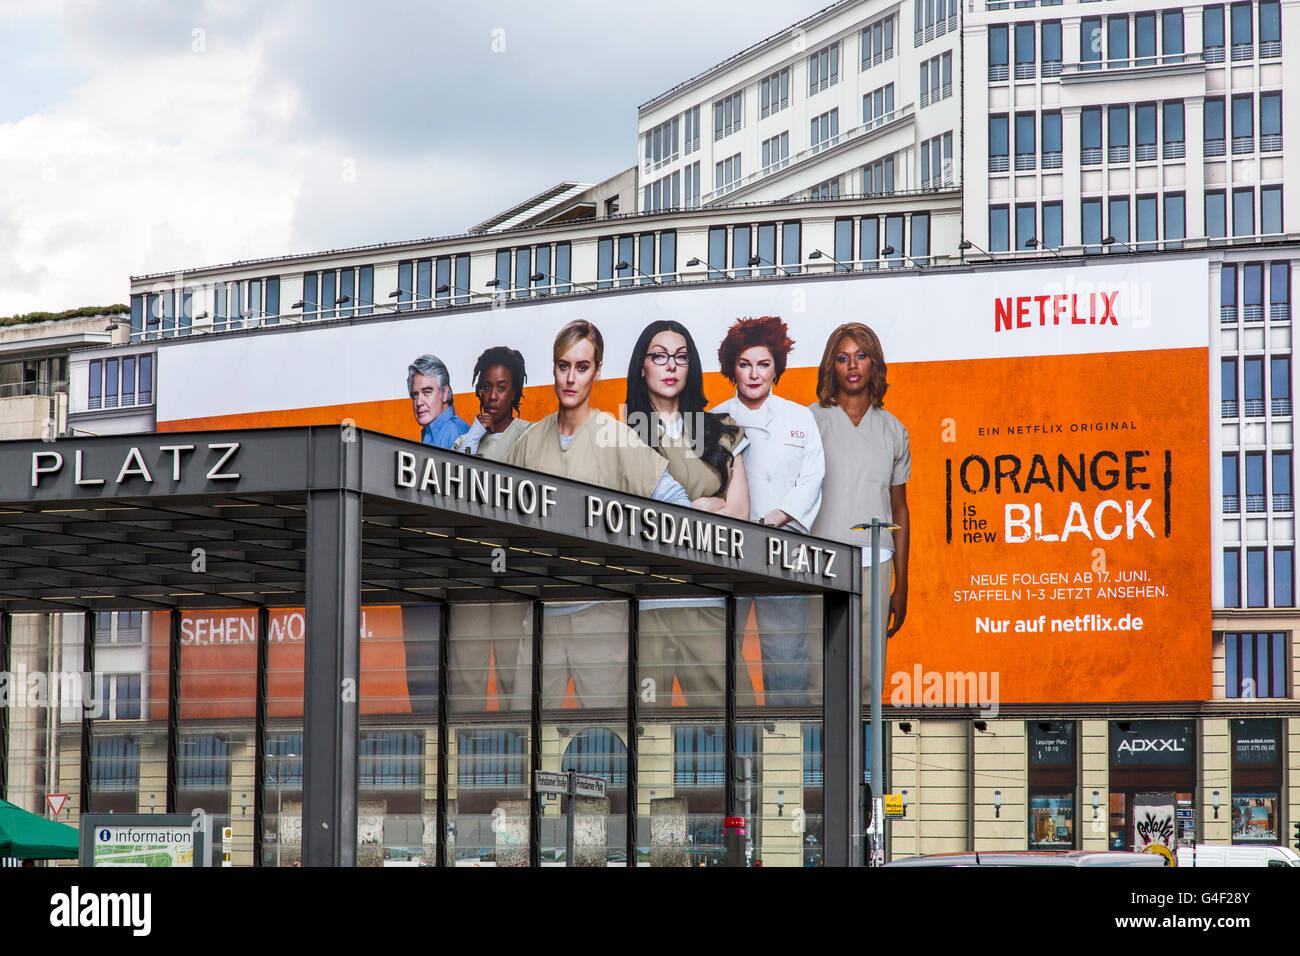 Große Werbung Billboard auf ein Gebäude am Potsdamer Platz in Berlin, für die Pay-Kanal Netflix, Stockbild